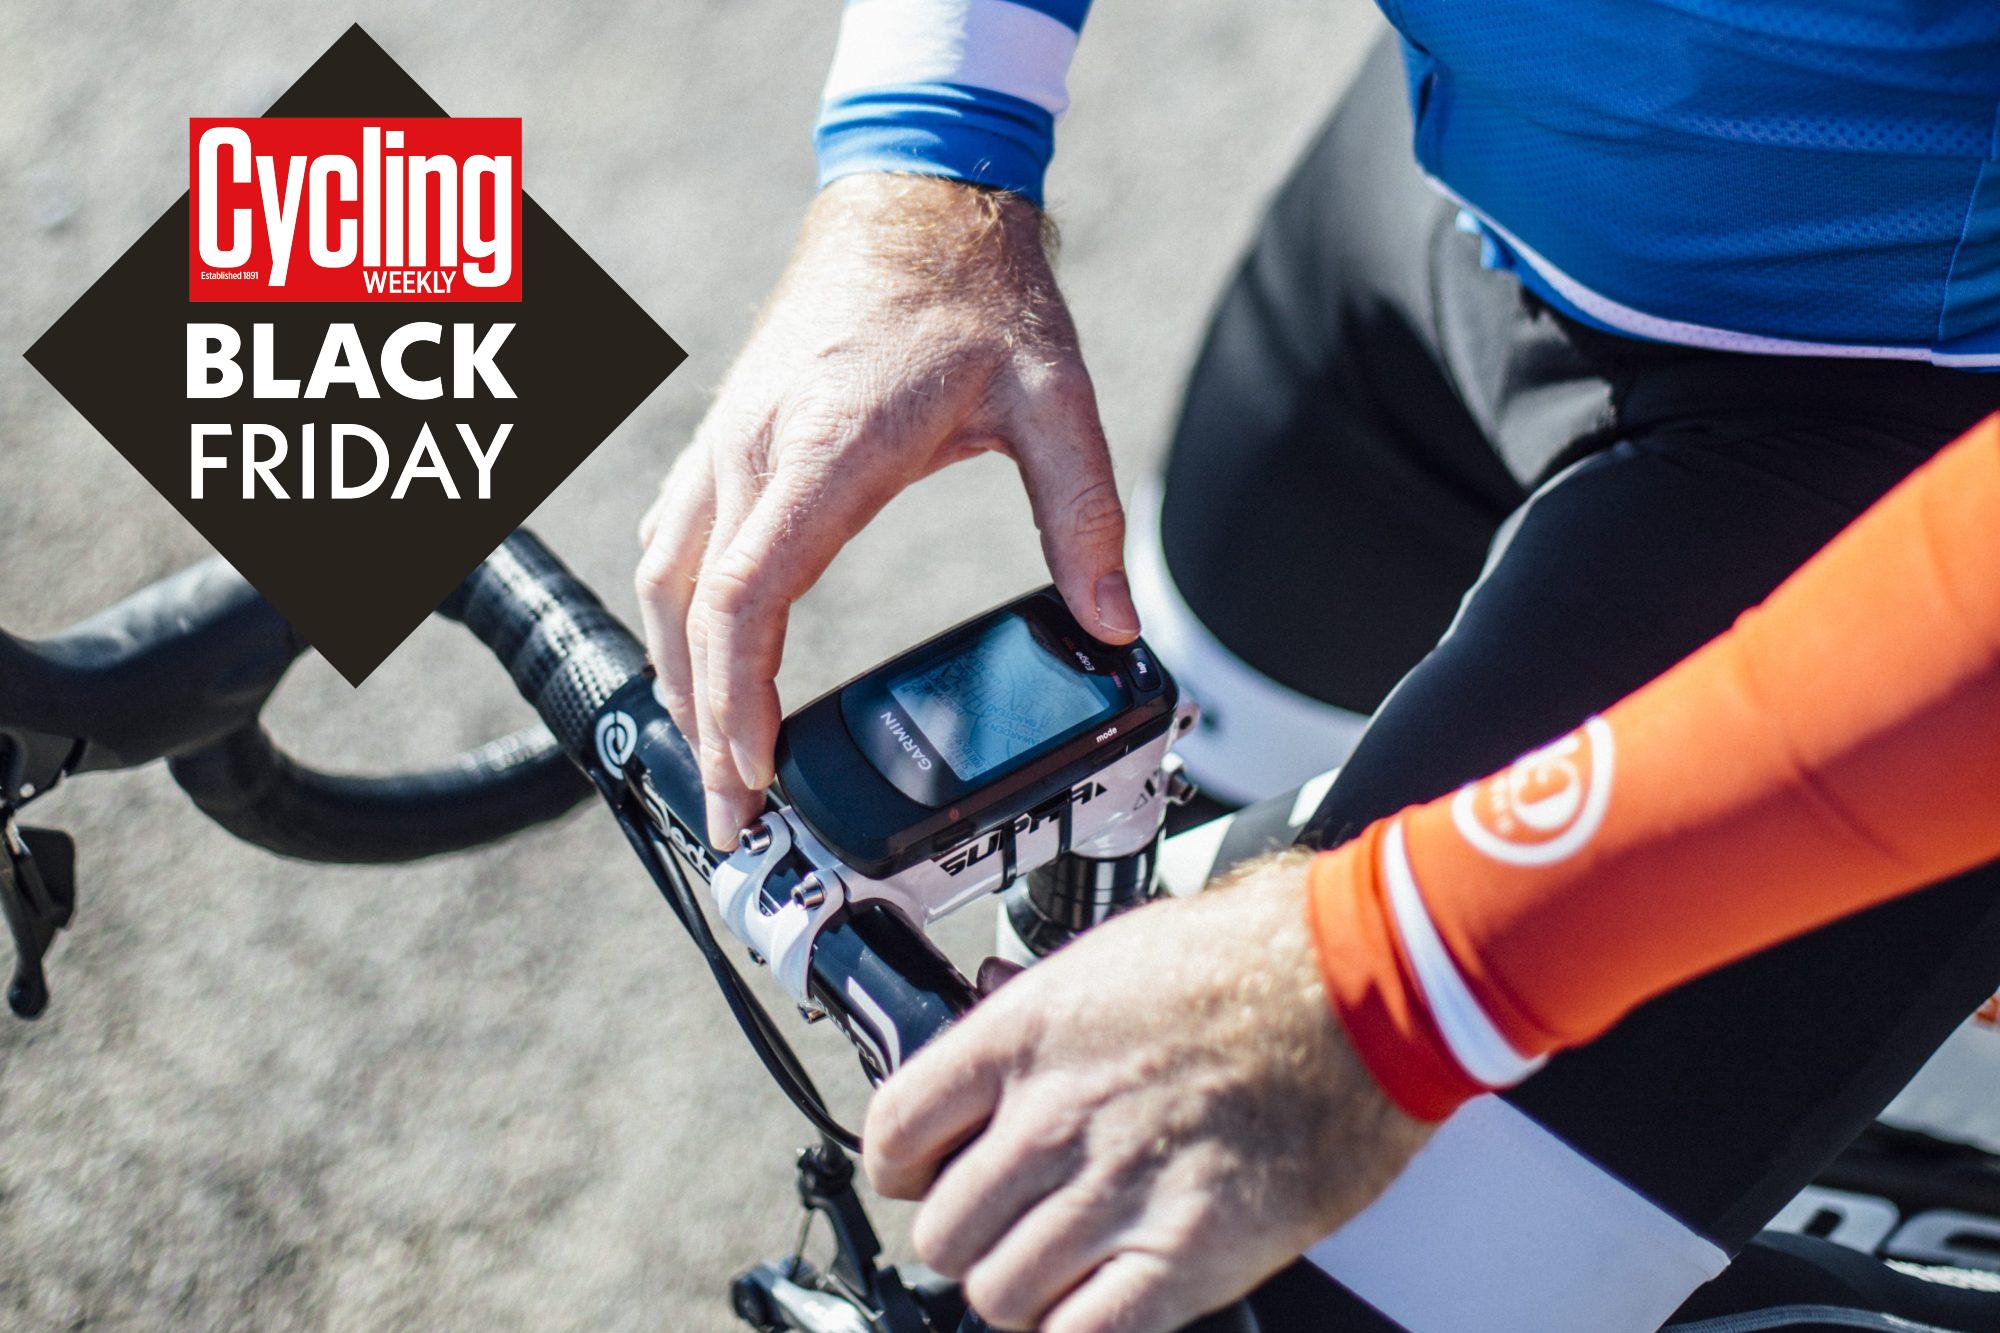 Le migliori offerte del Black Friday Garmin: quasi £ 200 di sconto sui pedali del misuratore di potenza e molto altro ancora